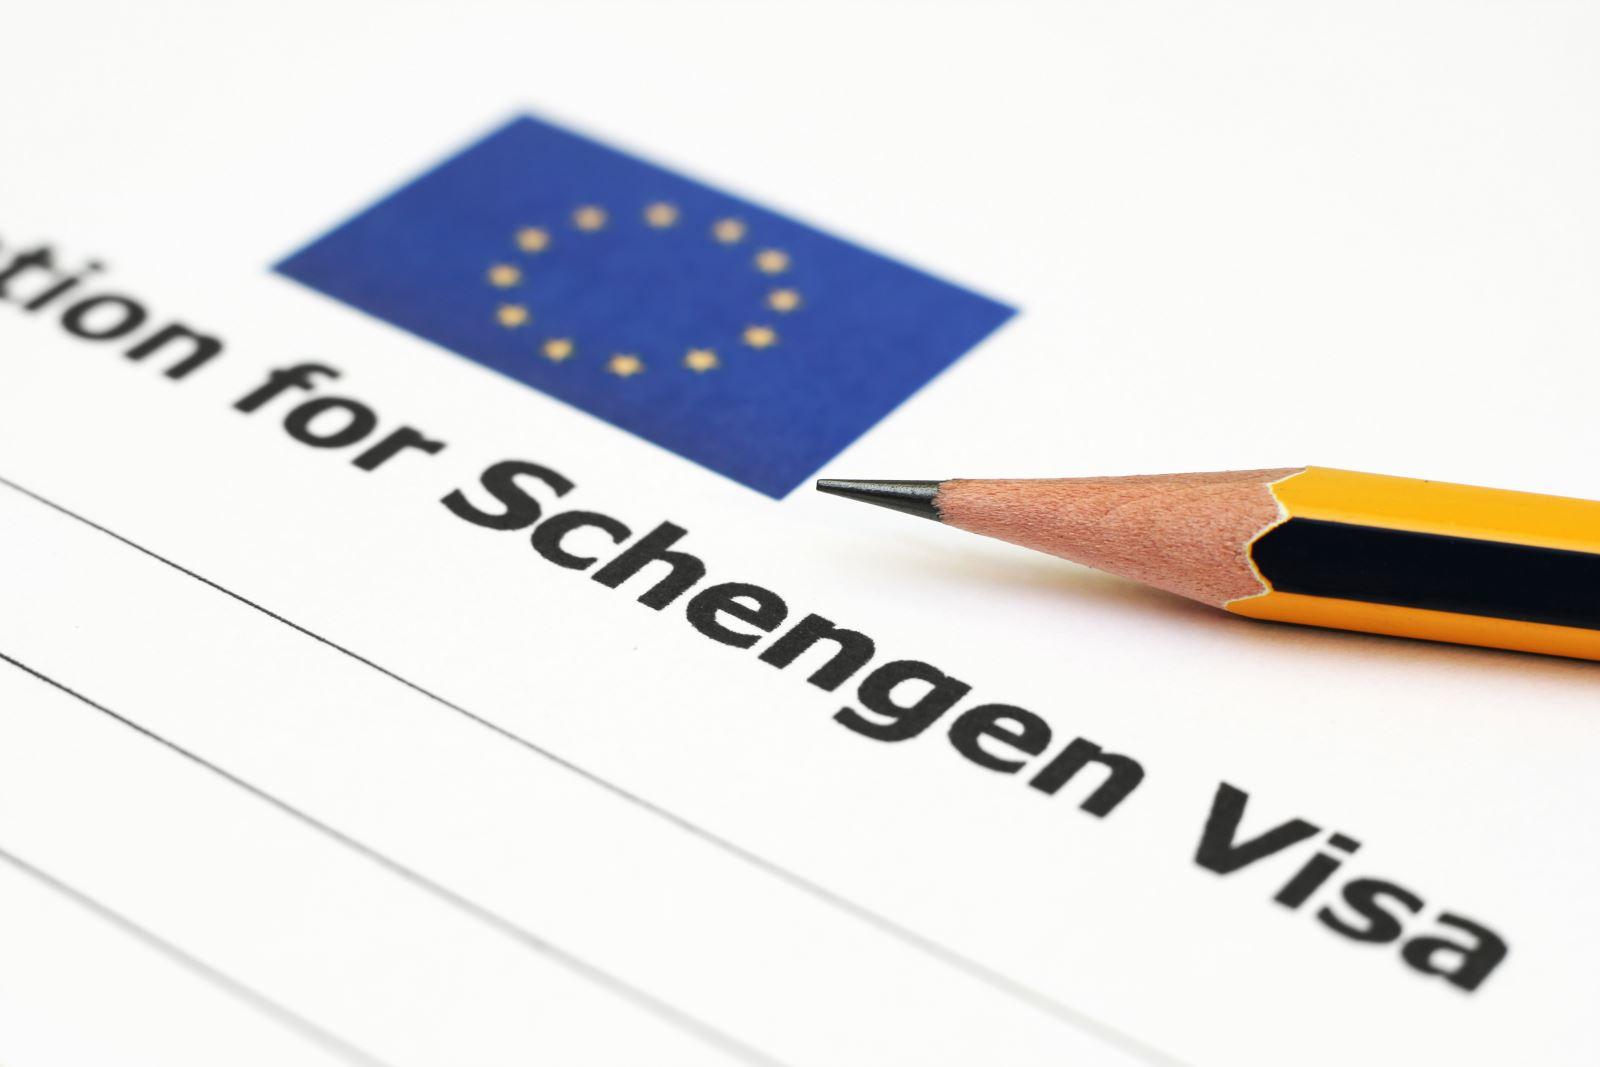 schengen-visa, Доверяй, но проверяй при оформлении визы: как распознать мошенников?